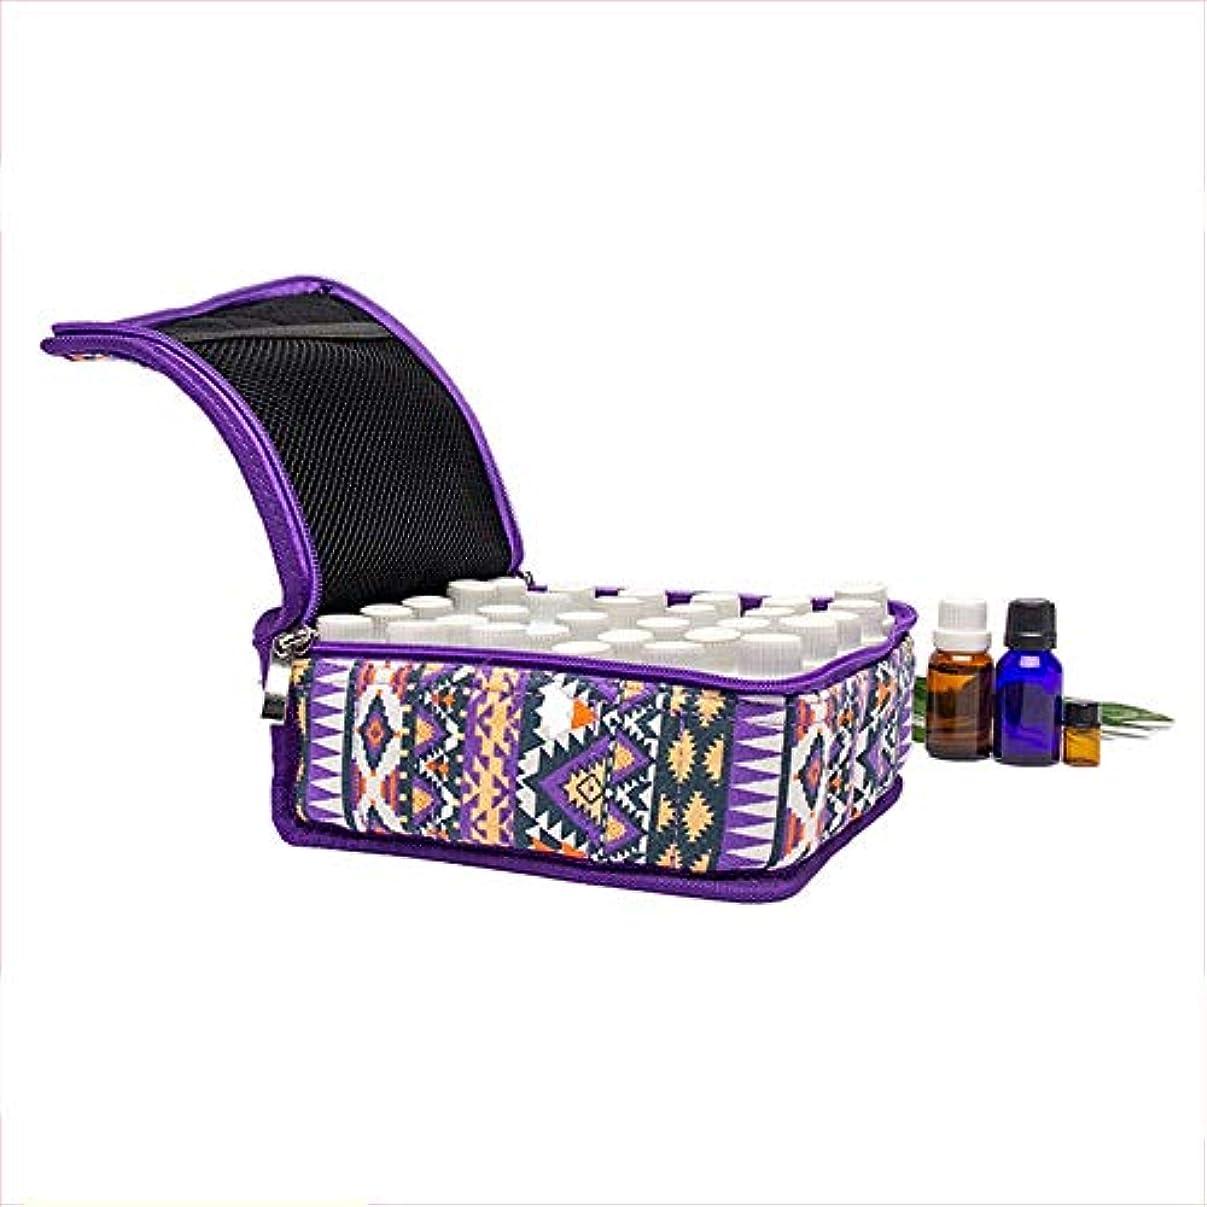 免除風味困った精油ケース エッセンシャルオイル収納ケース旅行キャリングケースは、30本のボトル10ミリリットルバイアルエッセンシャルオイルオーガナイザーバッグブルーパープルを開催します 携帯便利 (色 : 紫の, サイズ : 18X19X8CM)